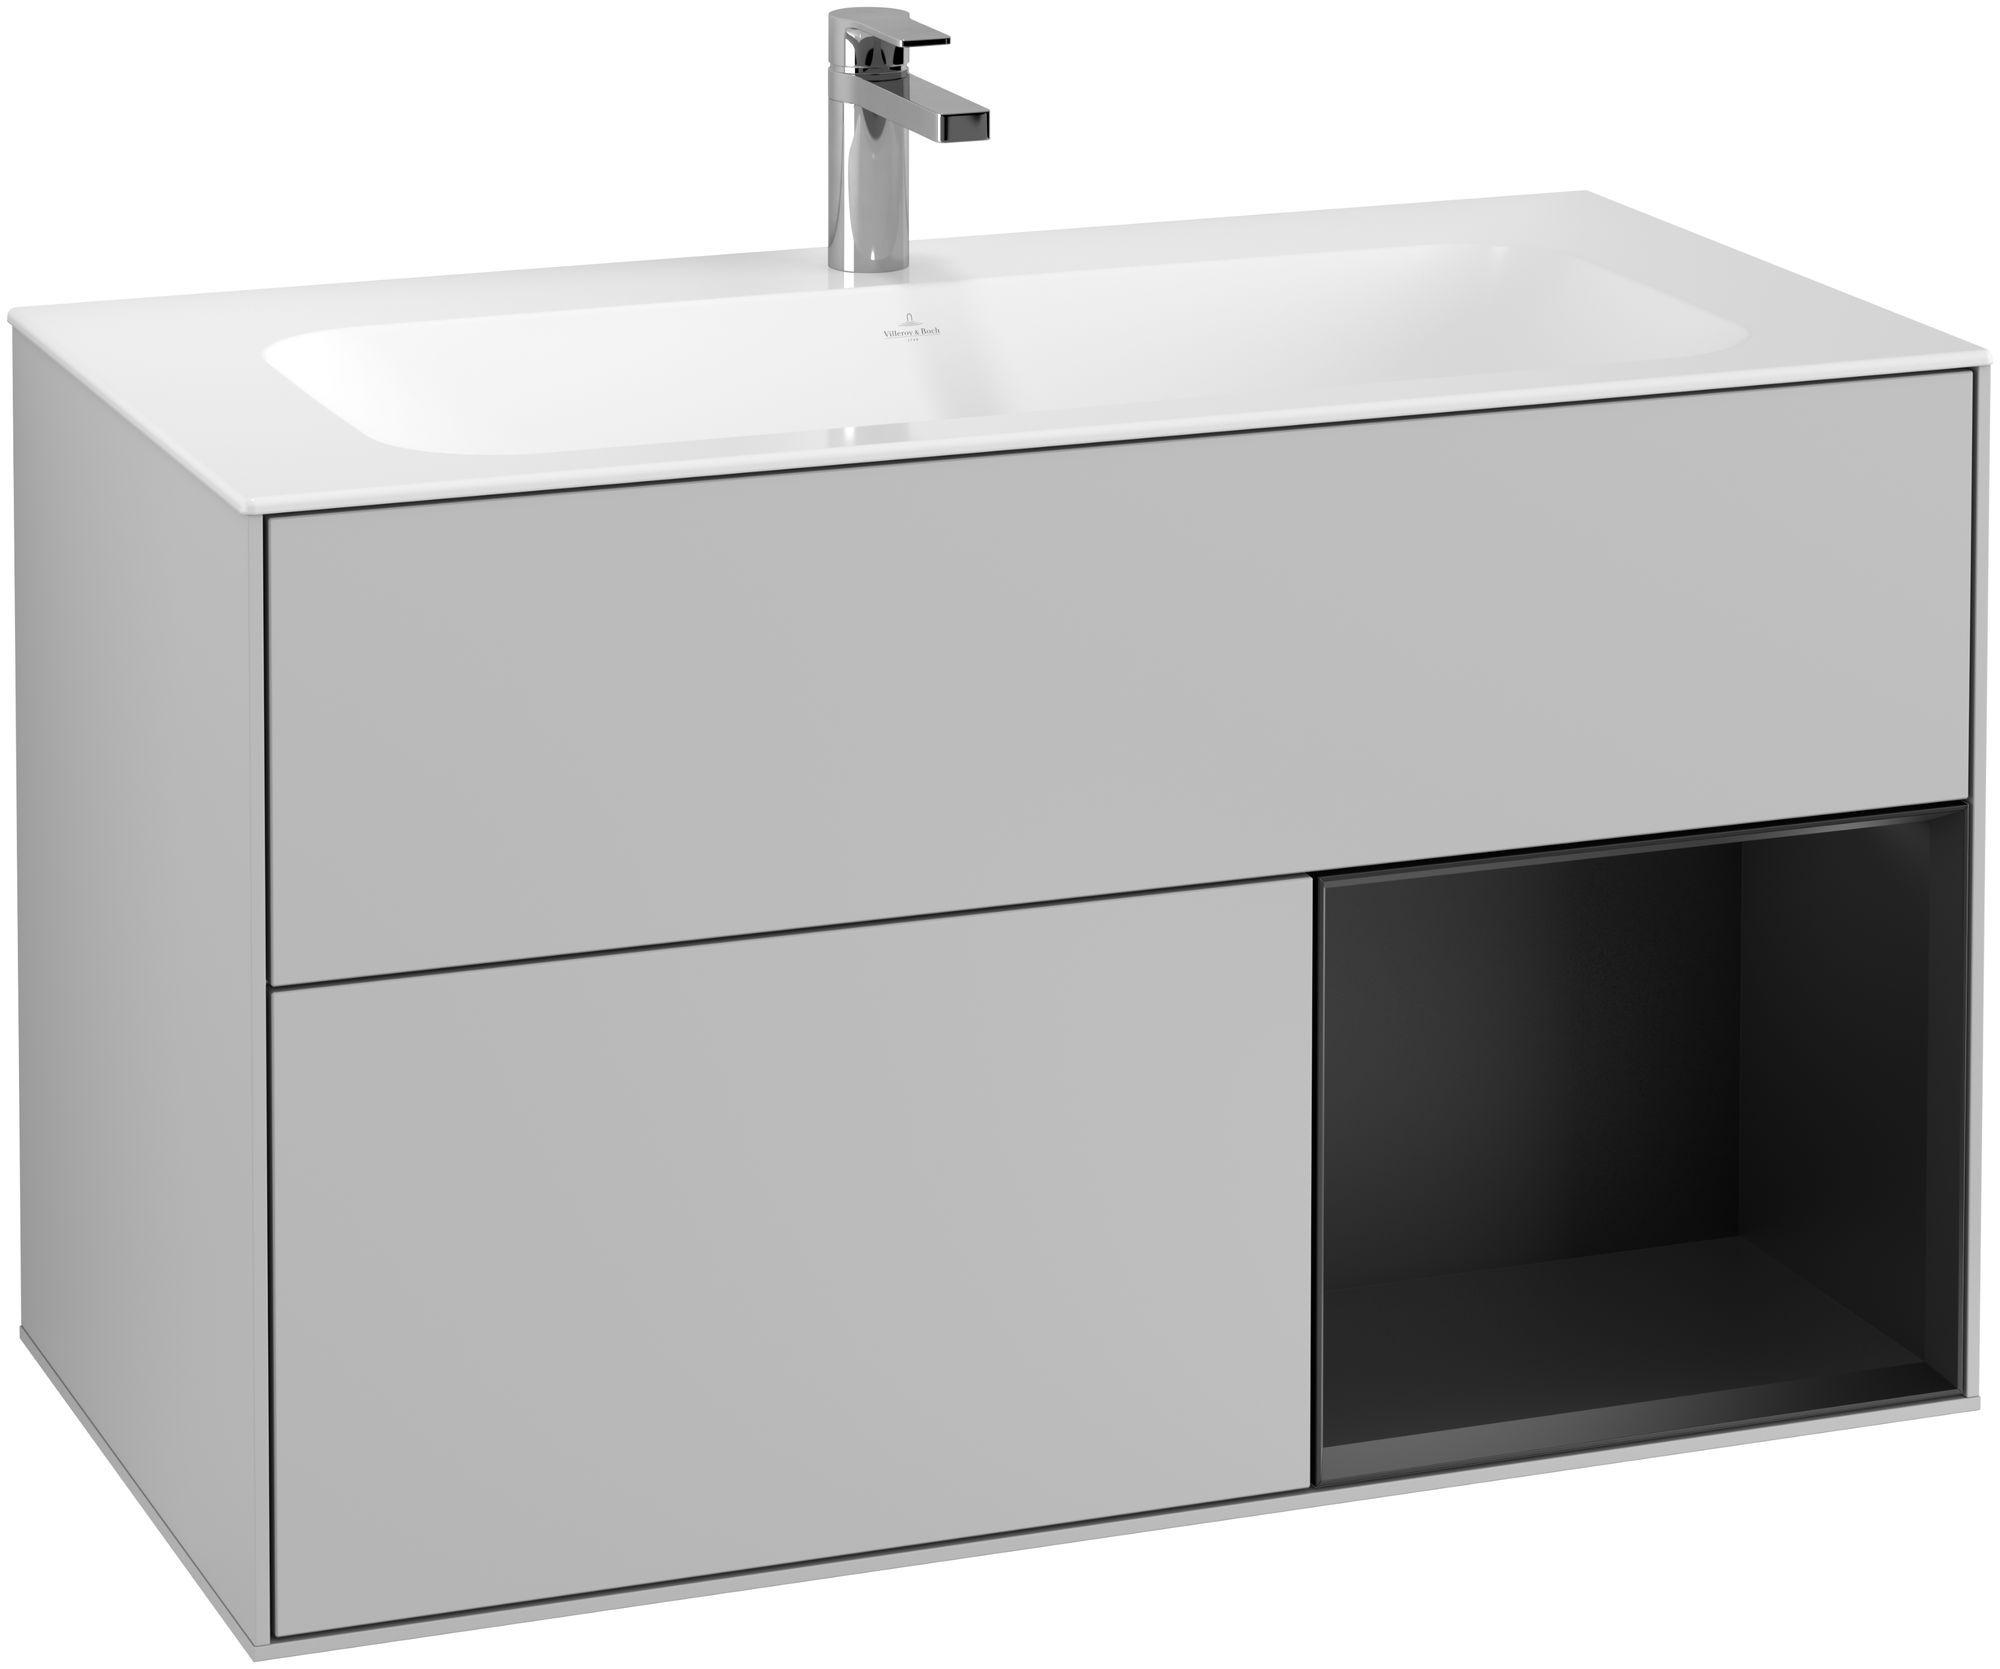 Villeroy & Boch Finion F04 Waschtischunterschrank mit Regalelement 2 Auszüge LED-Beleuchtung B:99,6xH:59,1xT:49,8cm Front, Korpus: Light Grey Matt, Regal: Black Matt Lacquer F040PDGJ